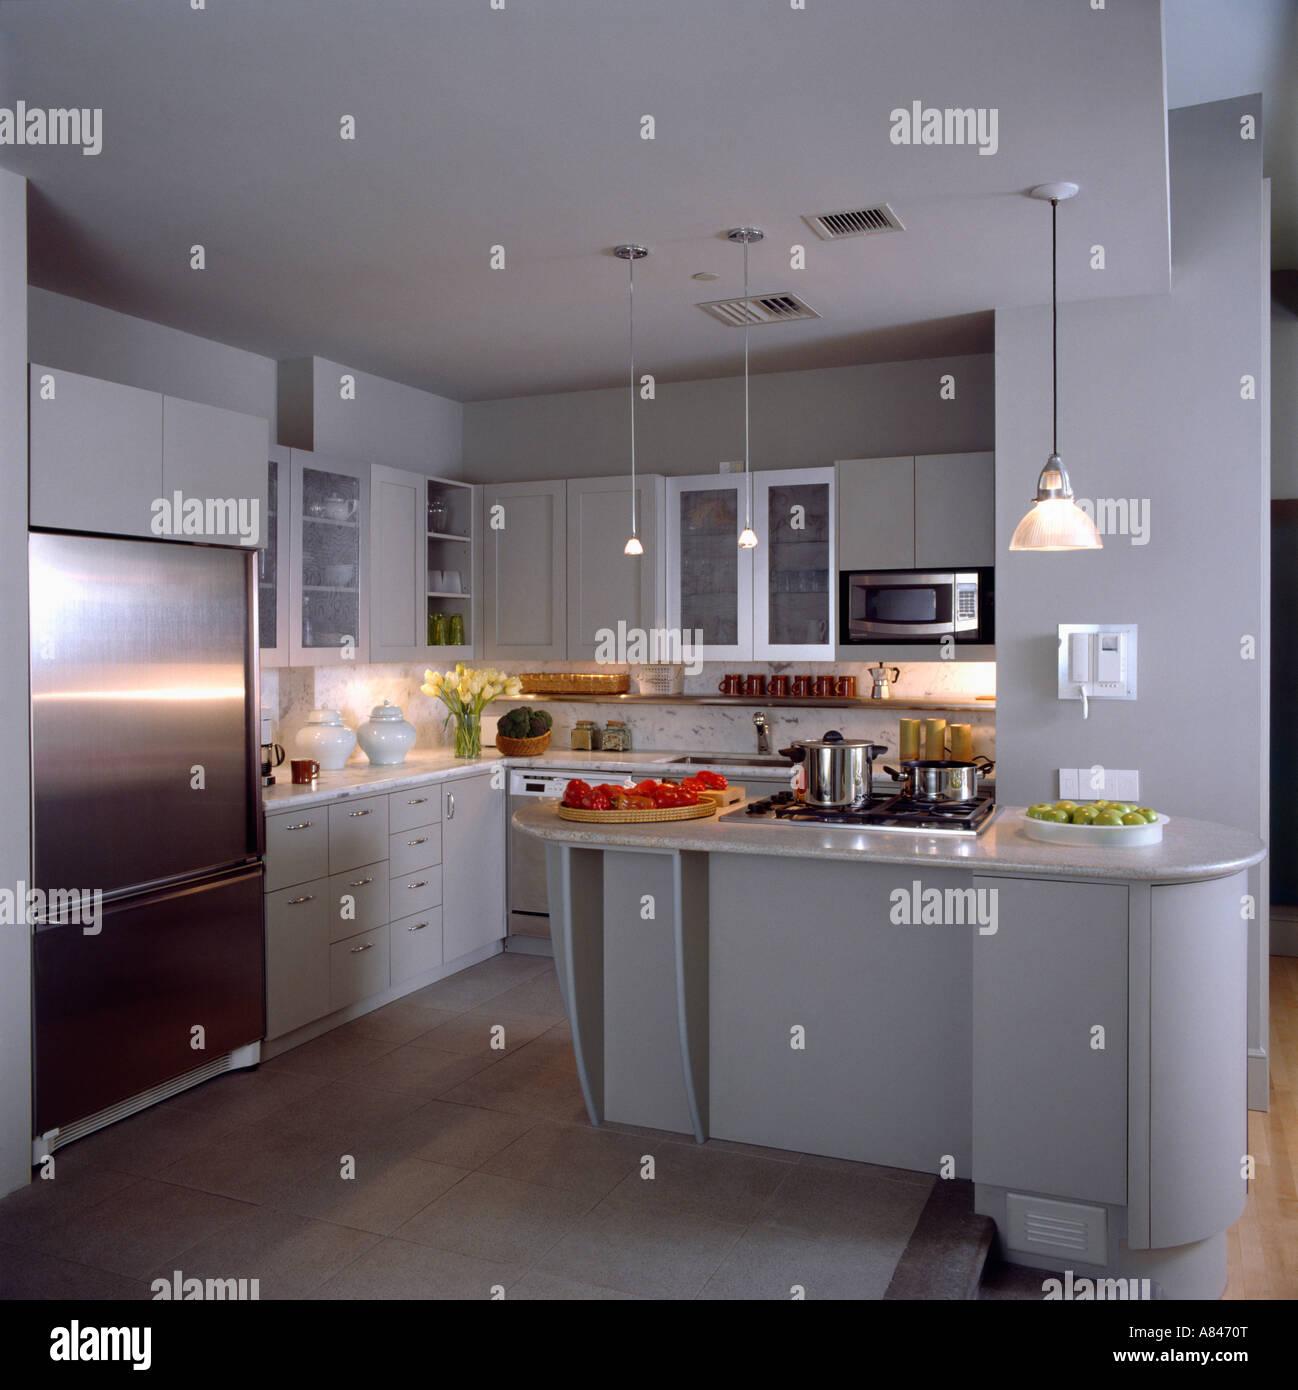 Gemütlich Kleine Anhänger Beleuchtung Küche Fotos - Ideen Für Die ...